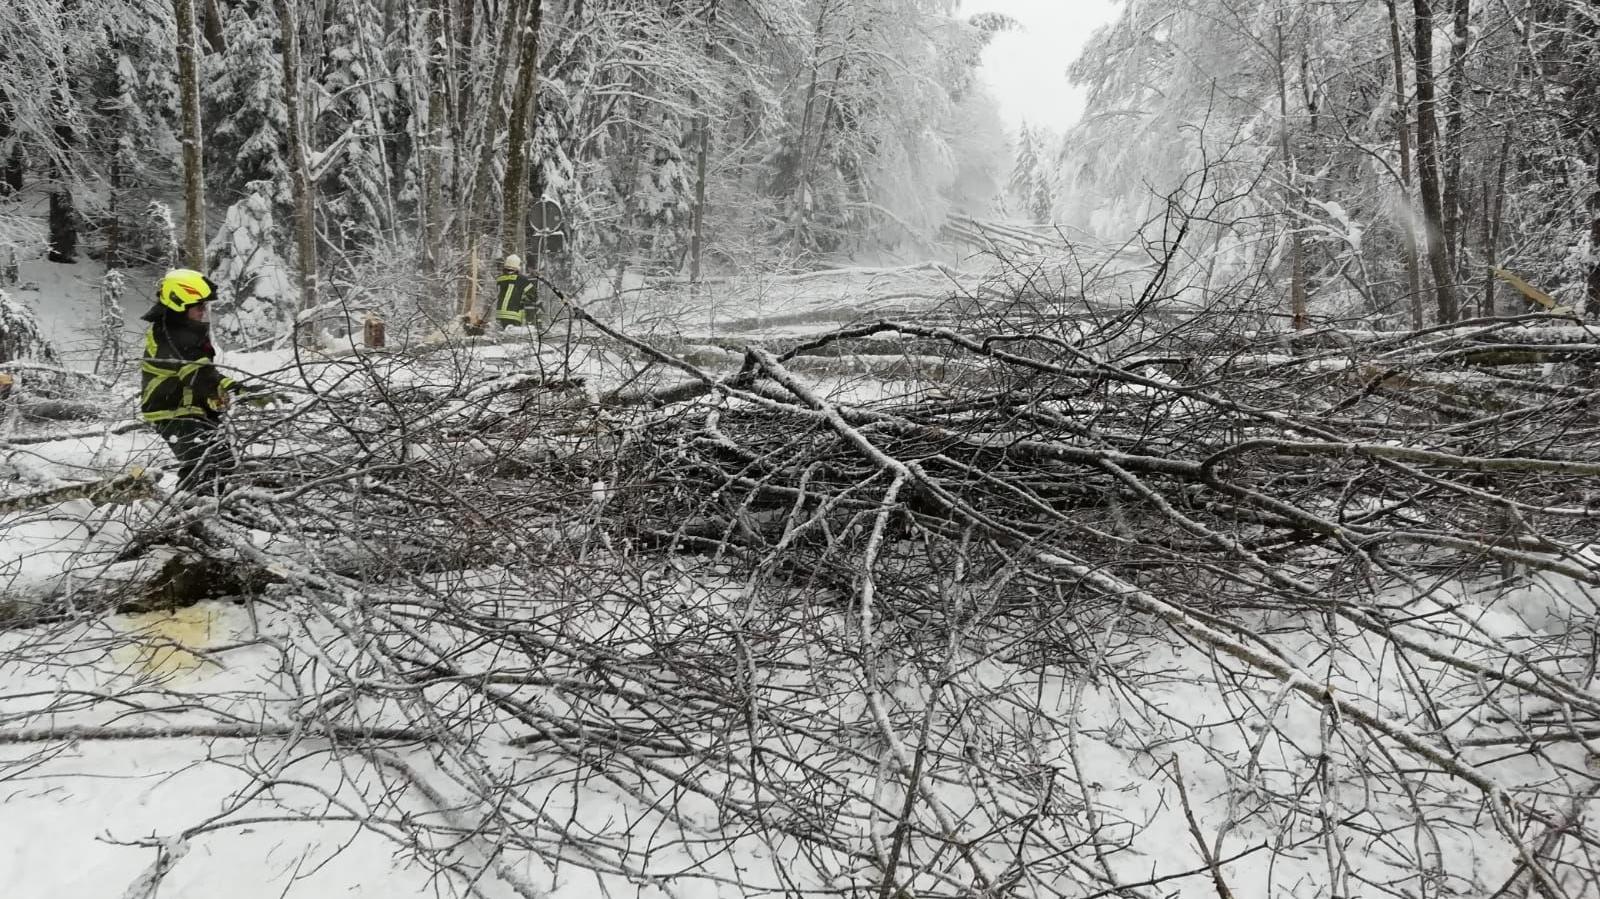 Zig Bäume werden abgeschnitten, abtransportiert und auf freie Lagerflächen abgelegt.